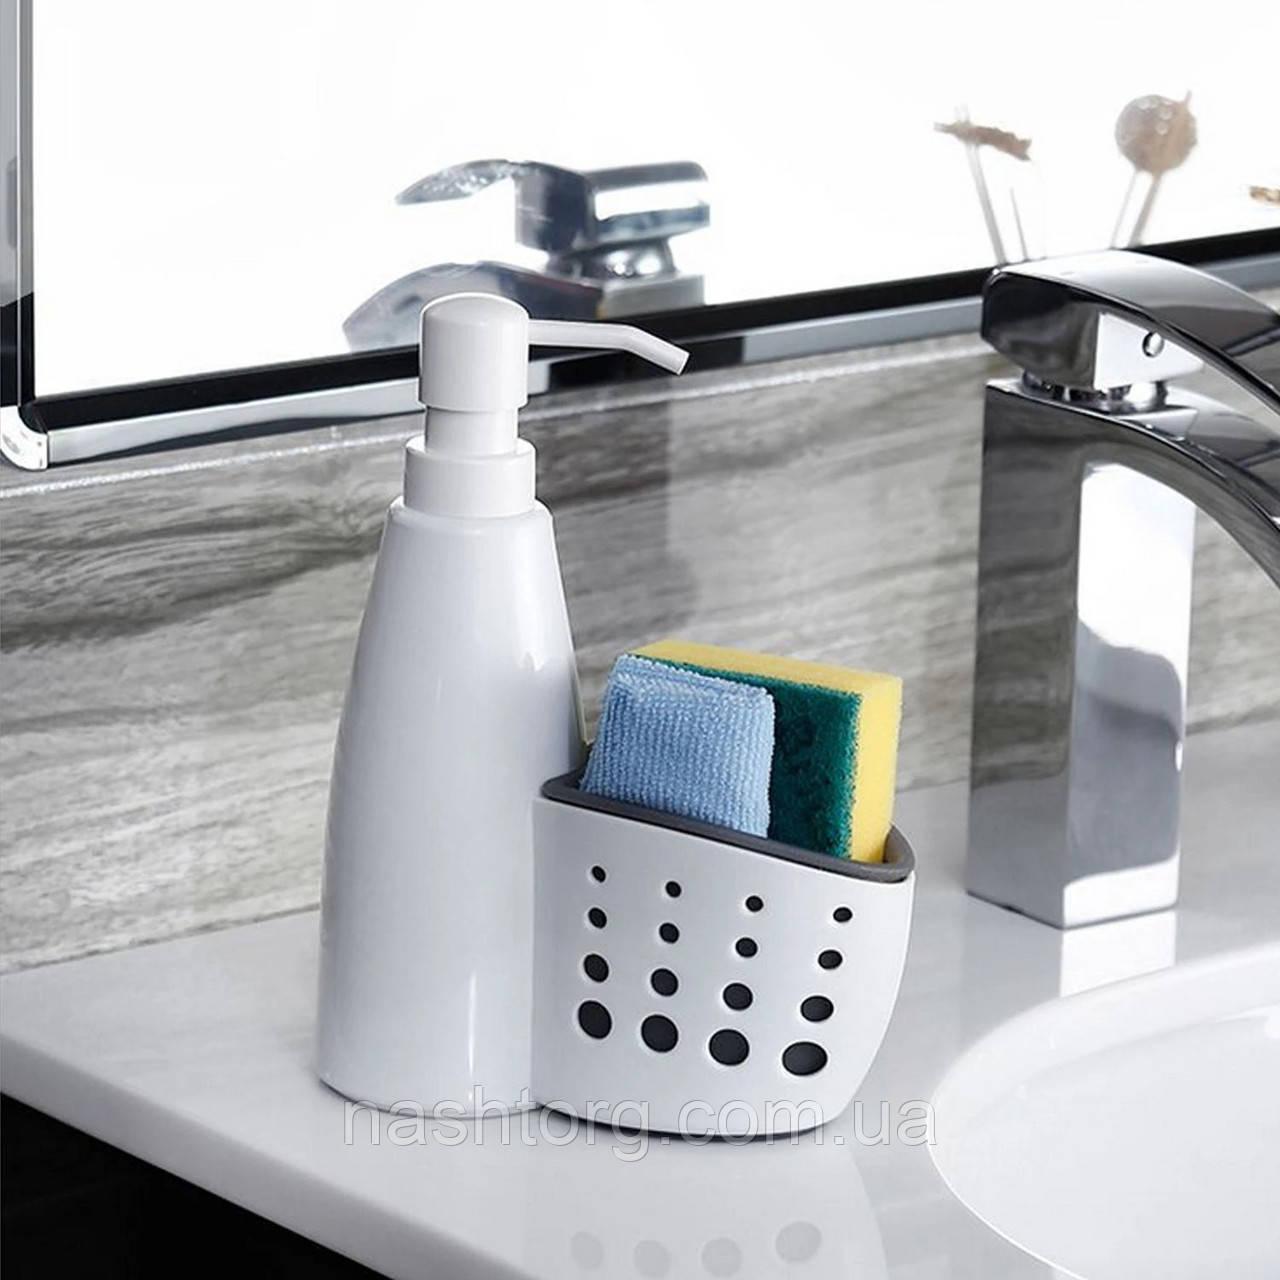 Диспенсер з підставкою для губки білий 16*20*7 см, дозатор для рідкого мила з тримачем для губки